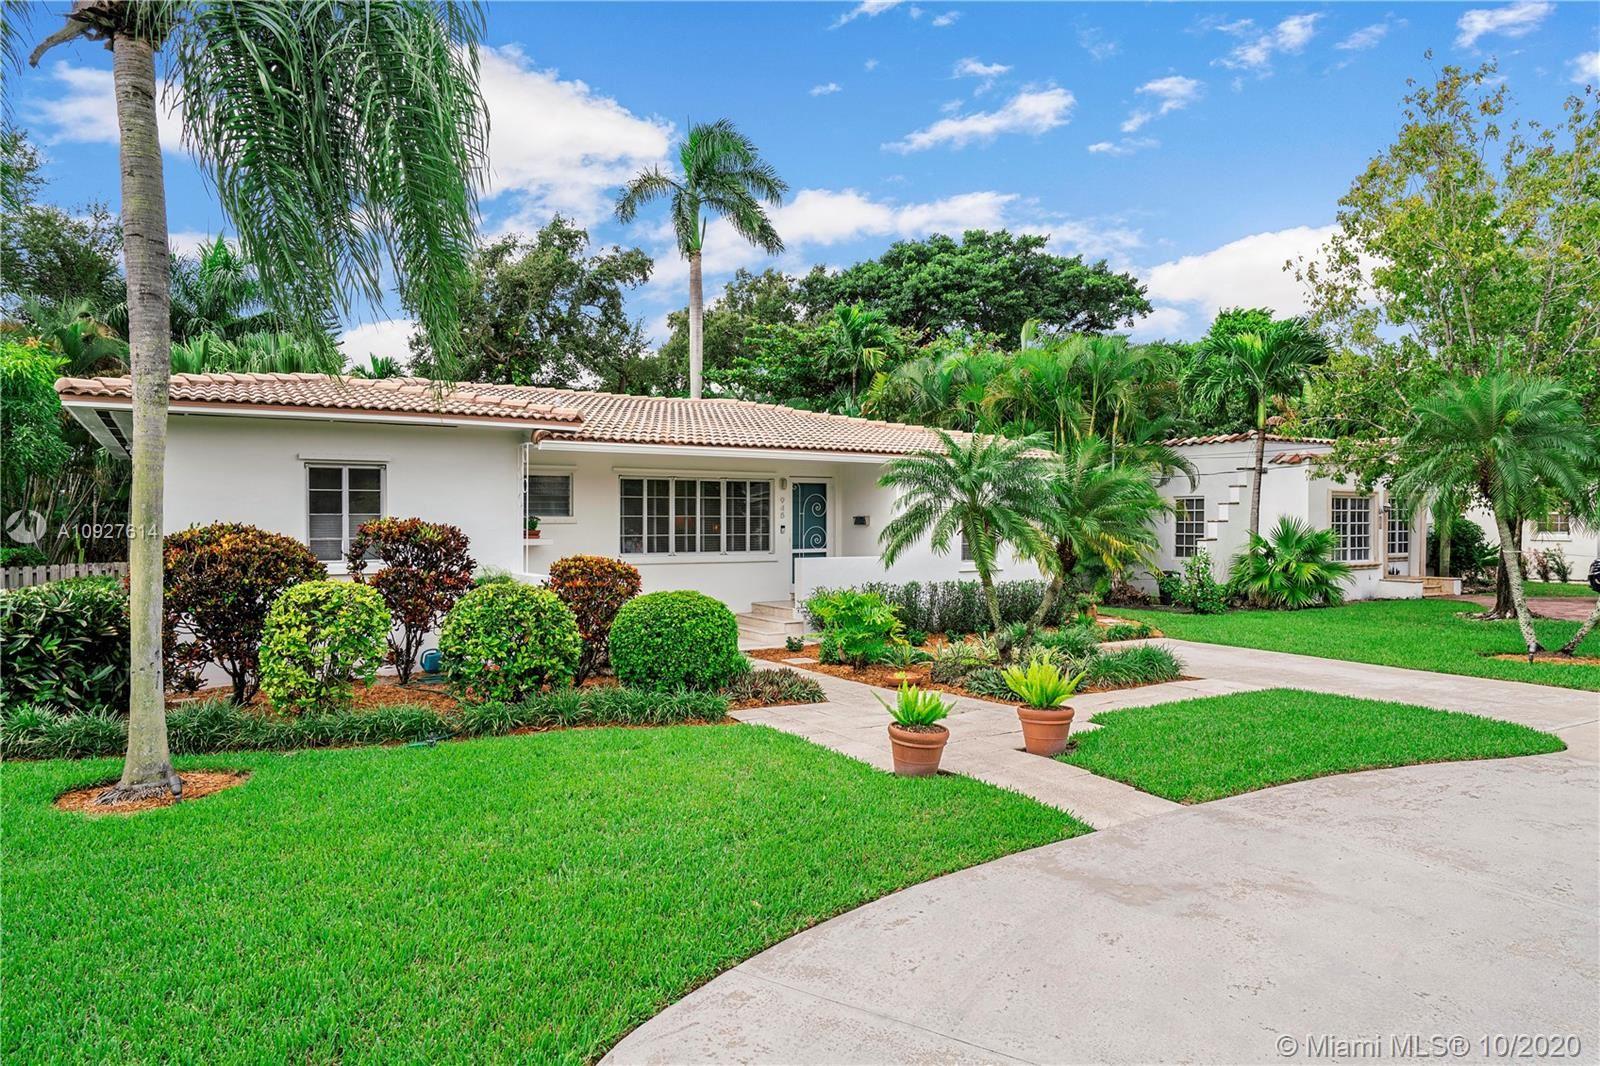 948 NE 92nd St, Miami Shores, FL 33138 - #: A10927614